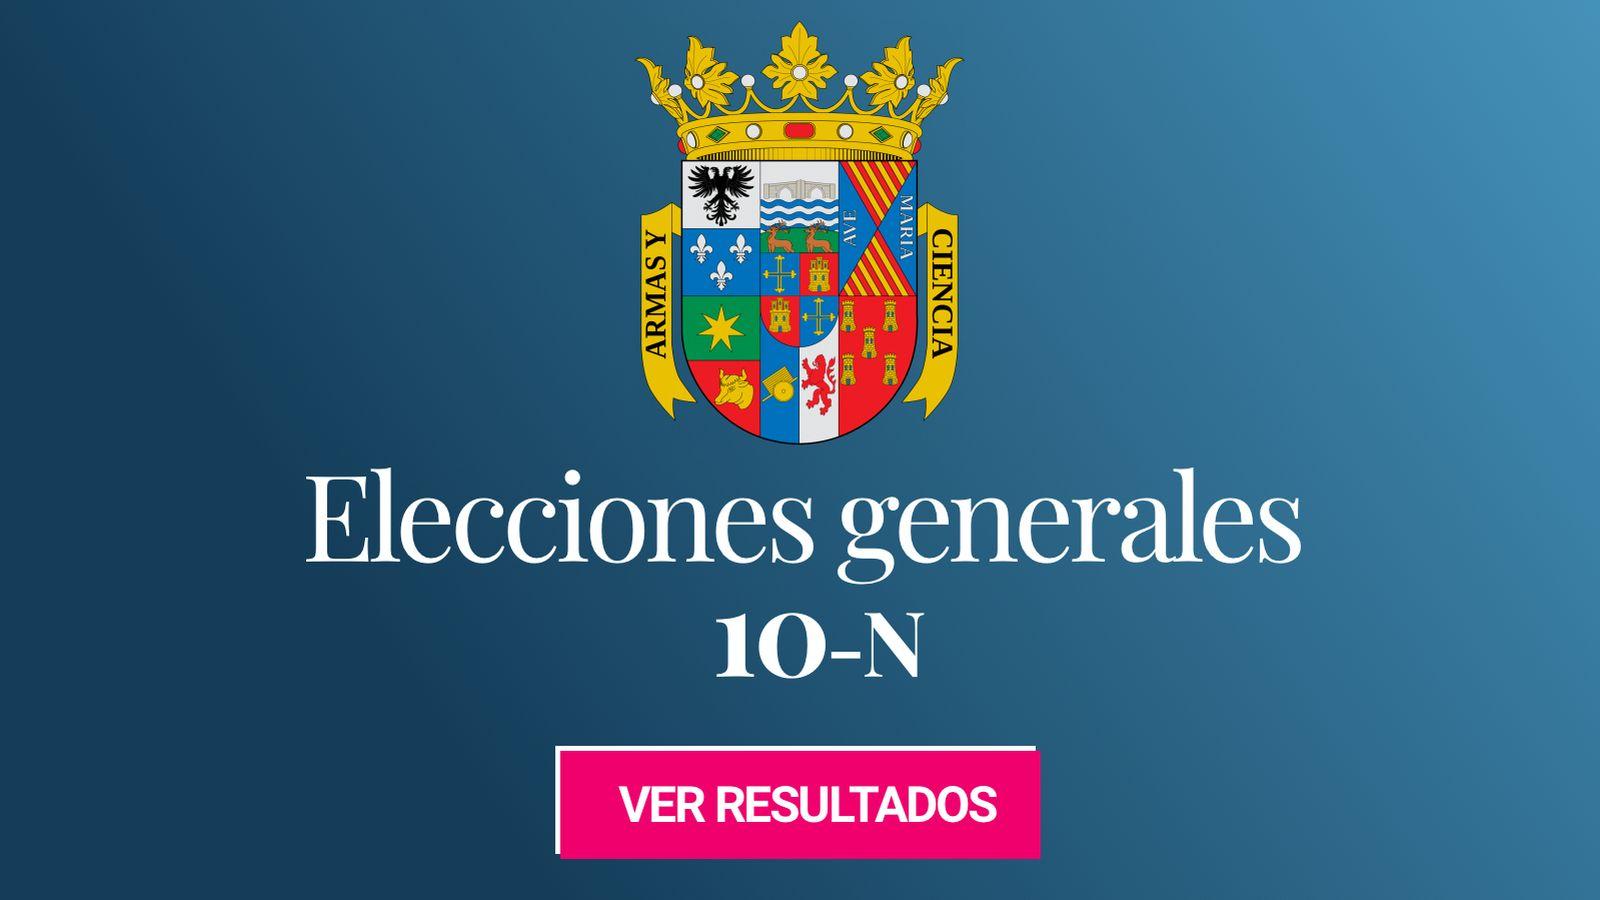 Foto: Elecciones generales 2019 en la provincia de Palencia. (C.C./HansenBCN)